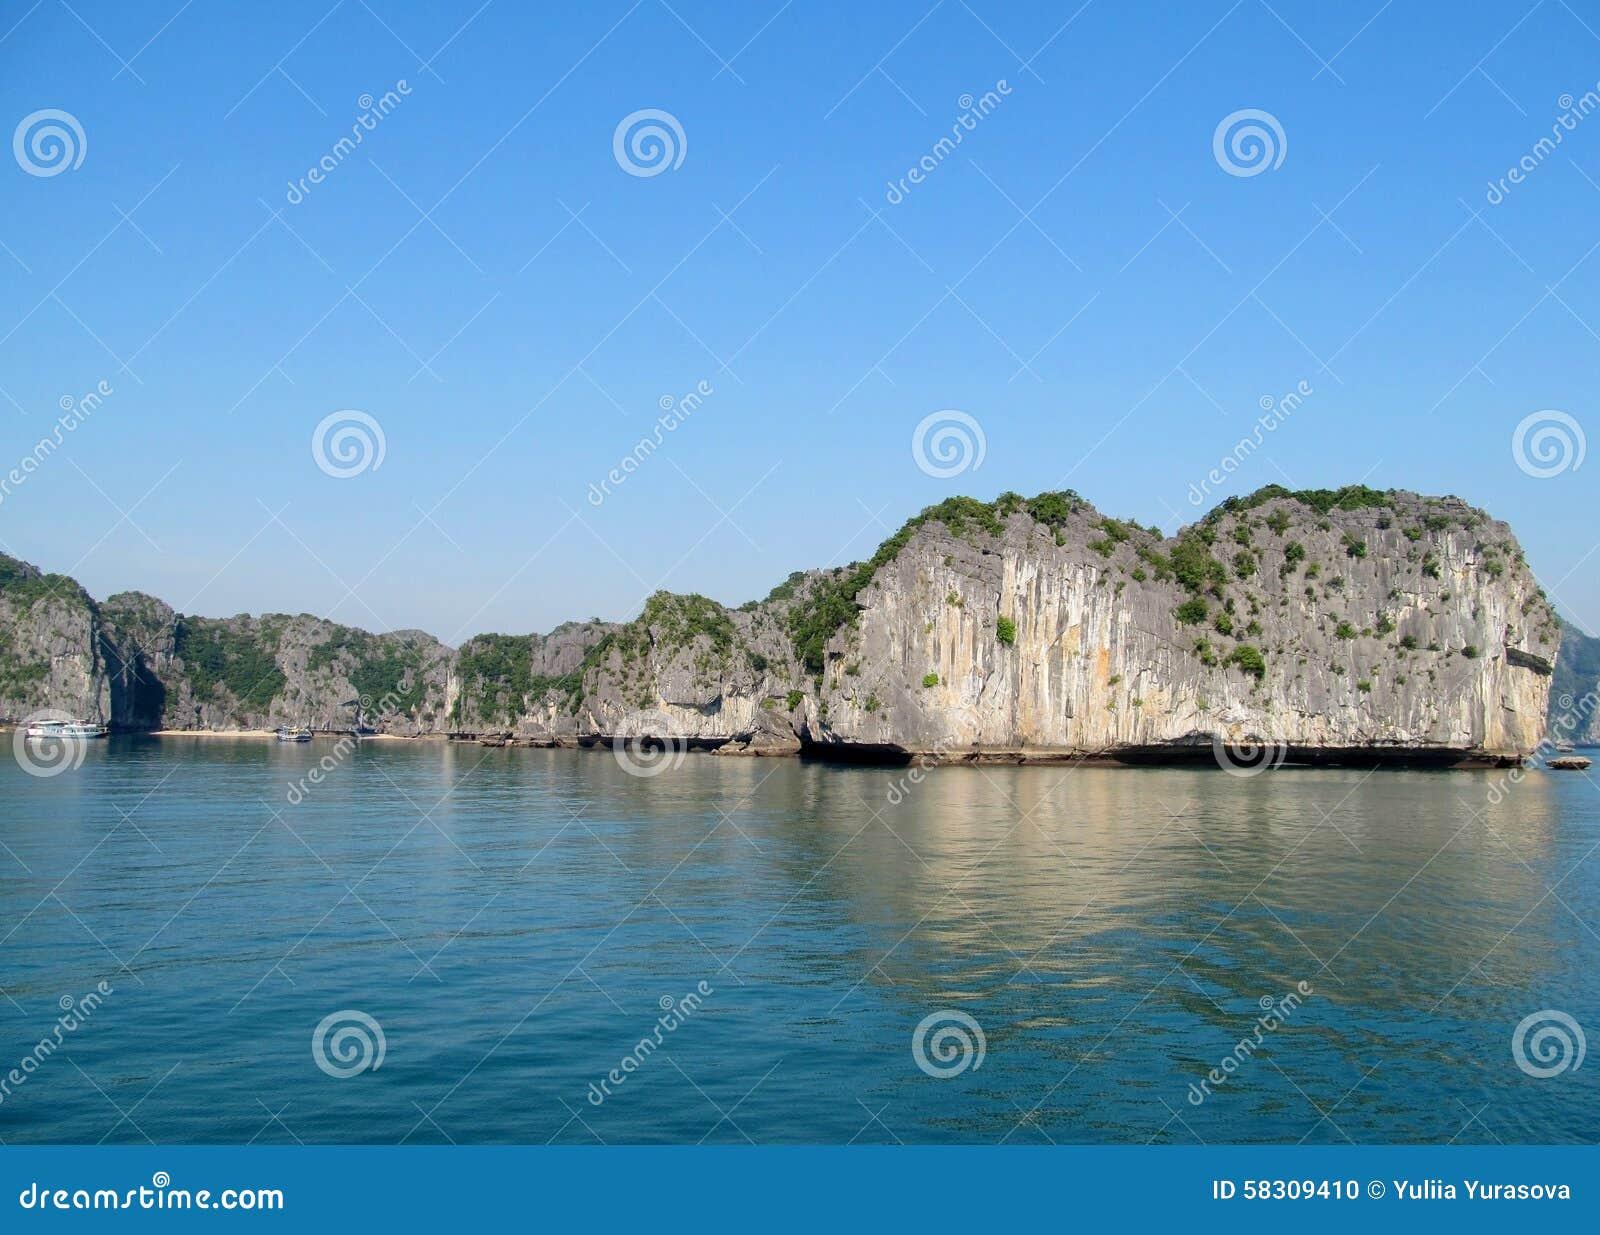 Beautiful limestone island in sea